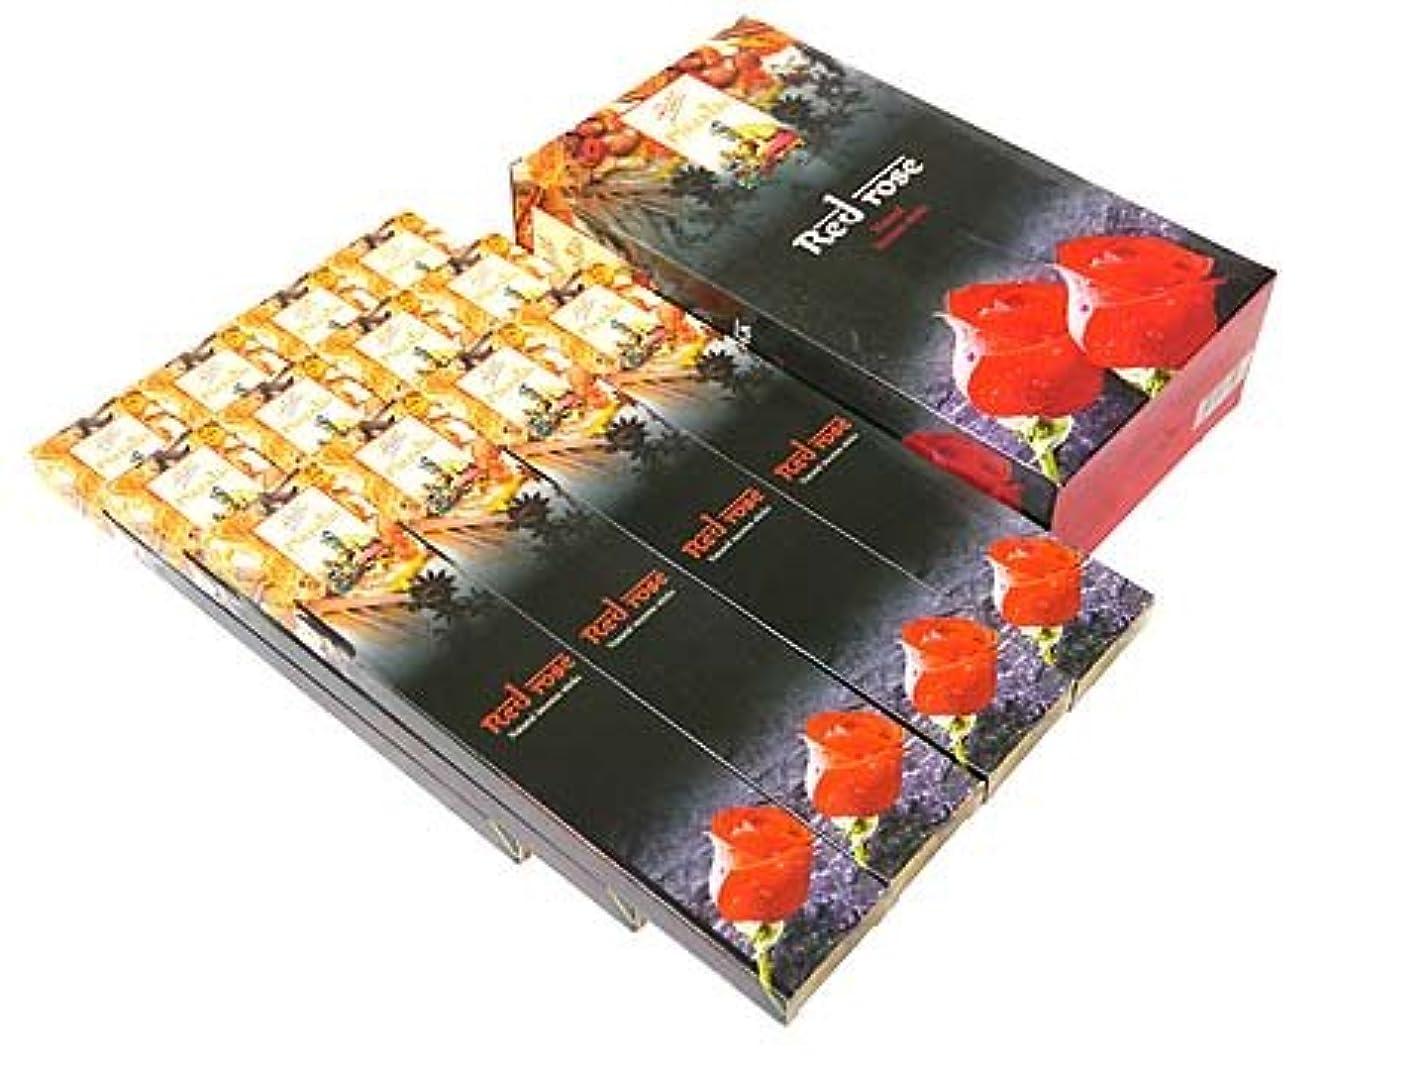 ジョブ札入れ余計なFLUTE(フルート) レッドローズ香 マサラスティック RED ROSE MASALA 12箱セット